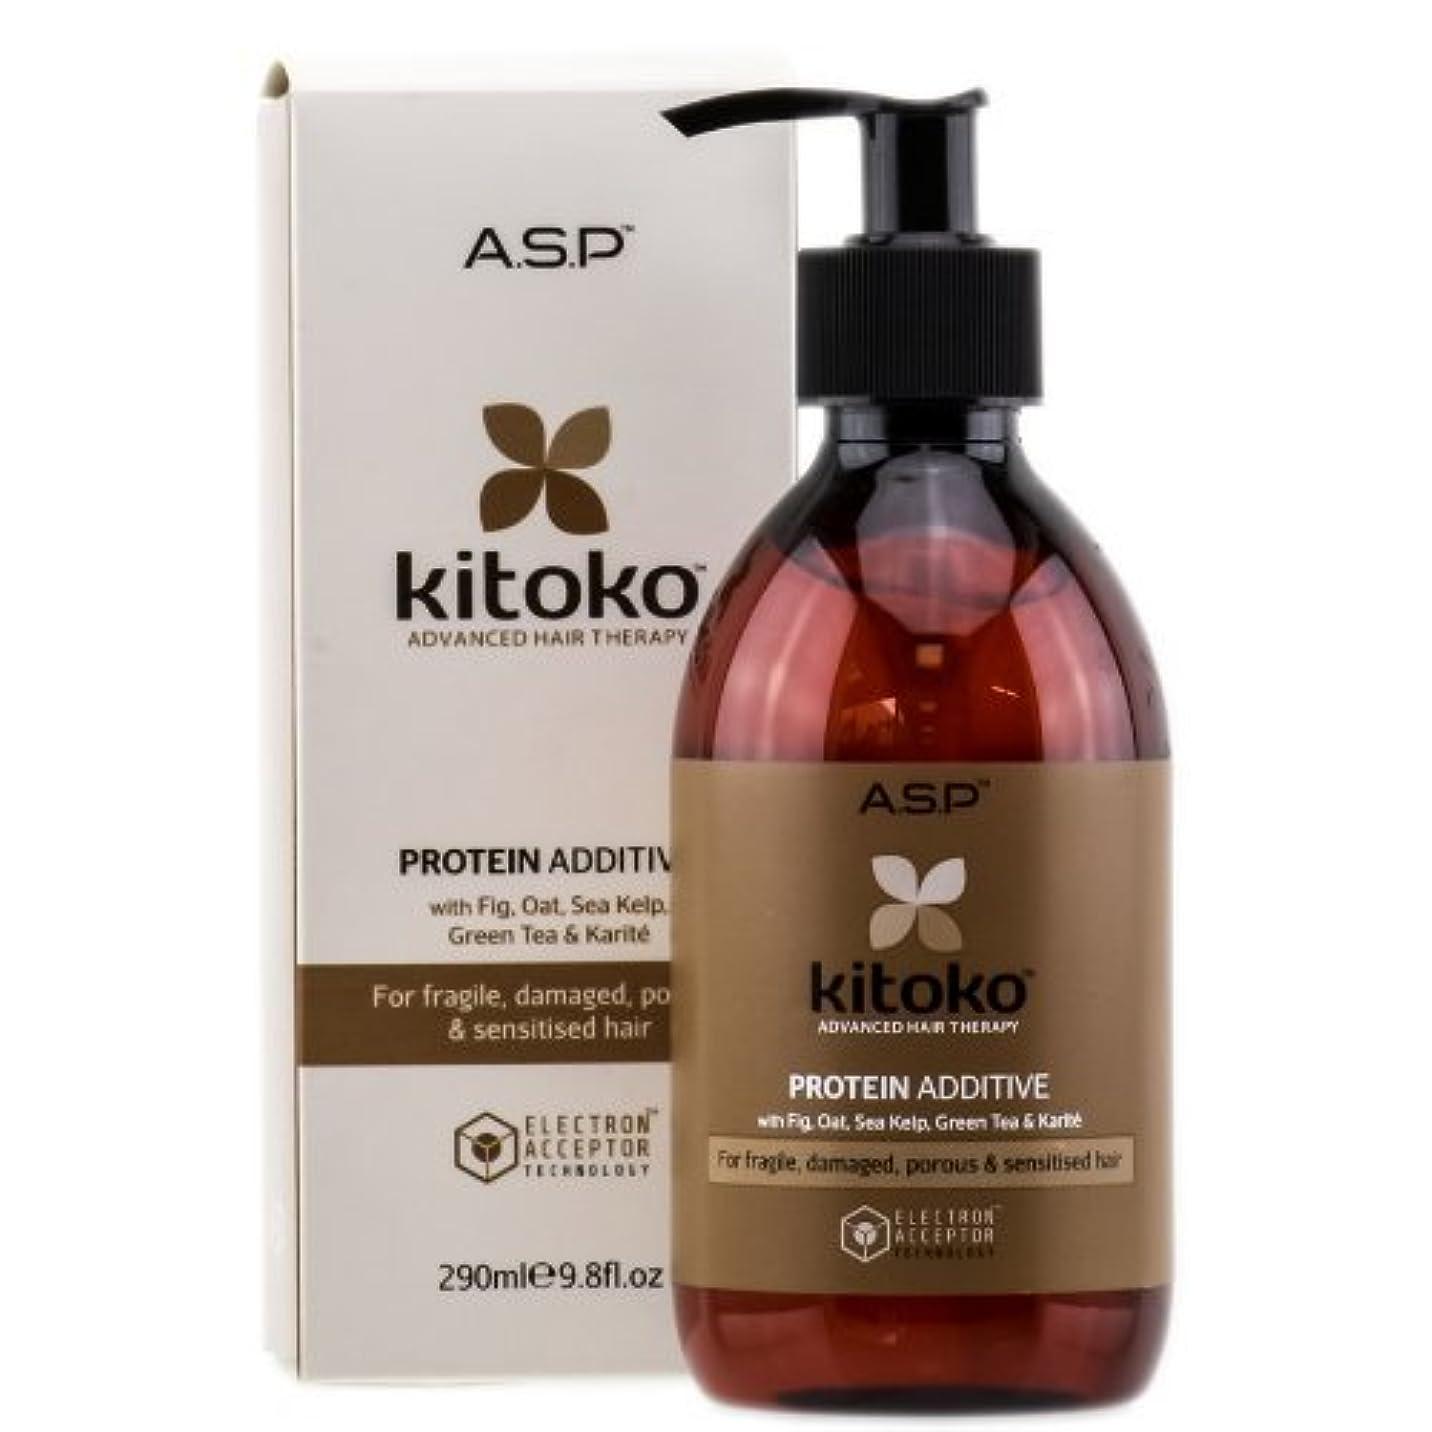 砲兵不適底Affinage Salon Professional ASP Kitokoアドバンストヘアーセラピー - タンパク質の添加剤 - 9.8オンス